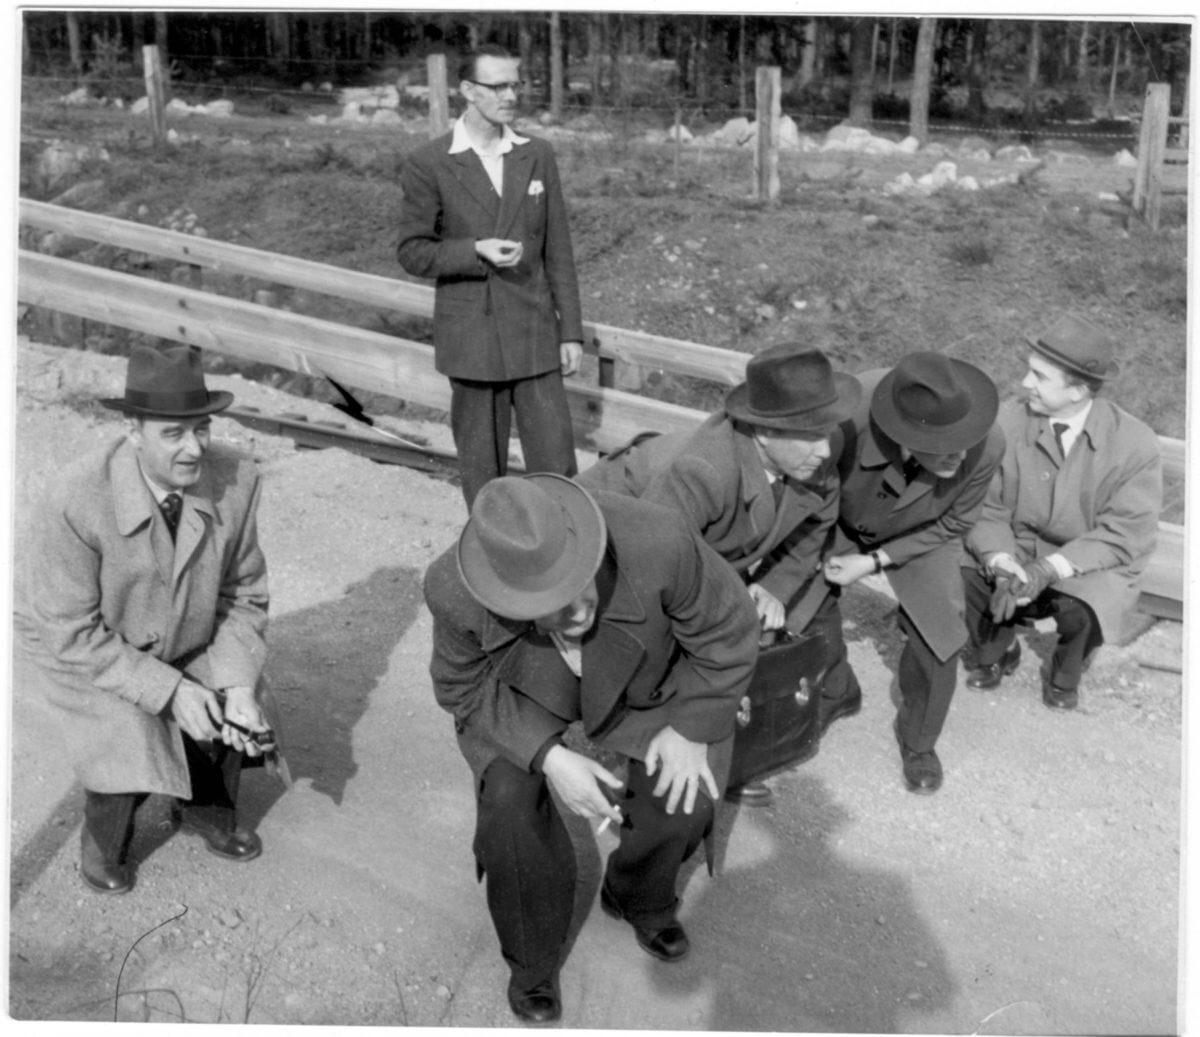 En grupp män går nedhukade längs en väg.